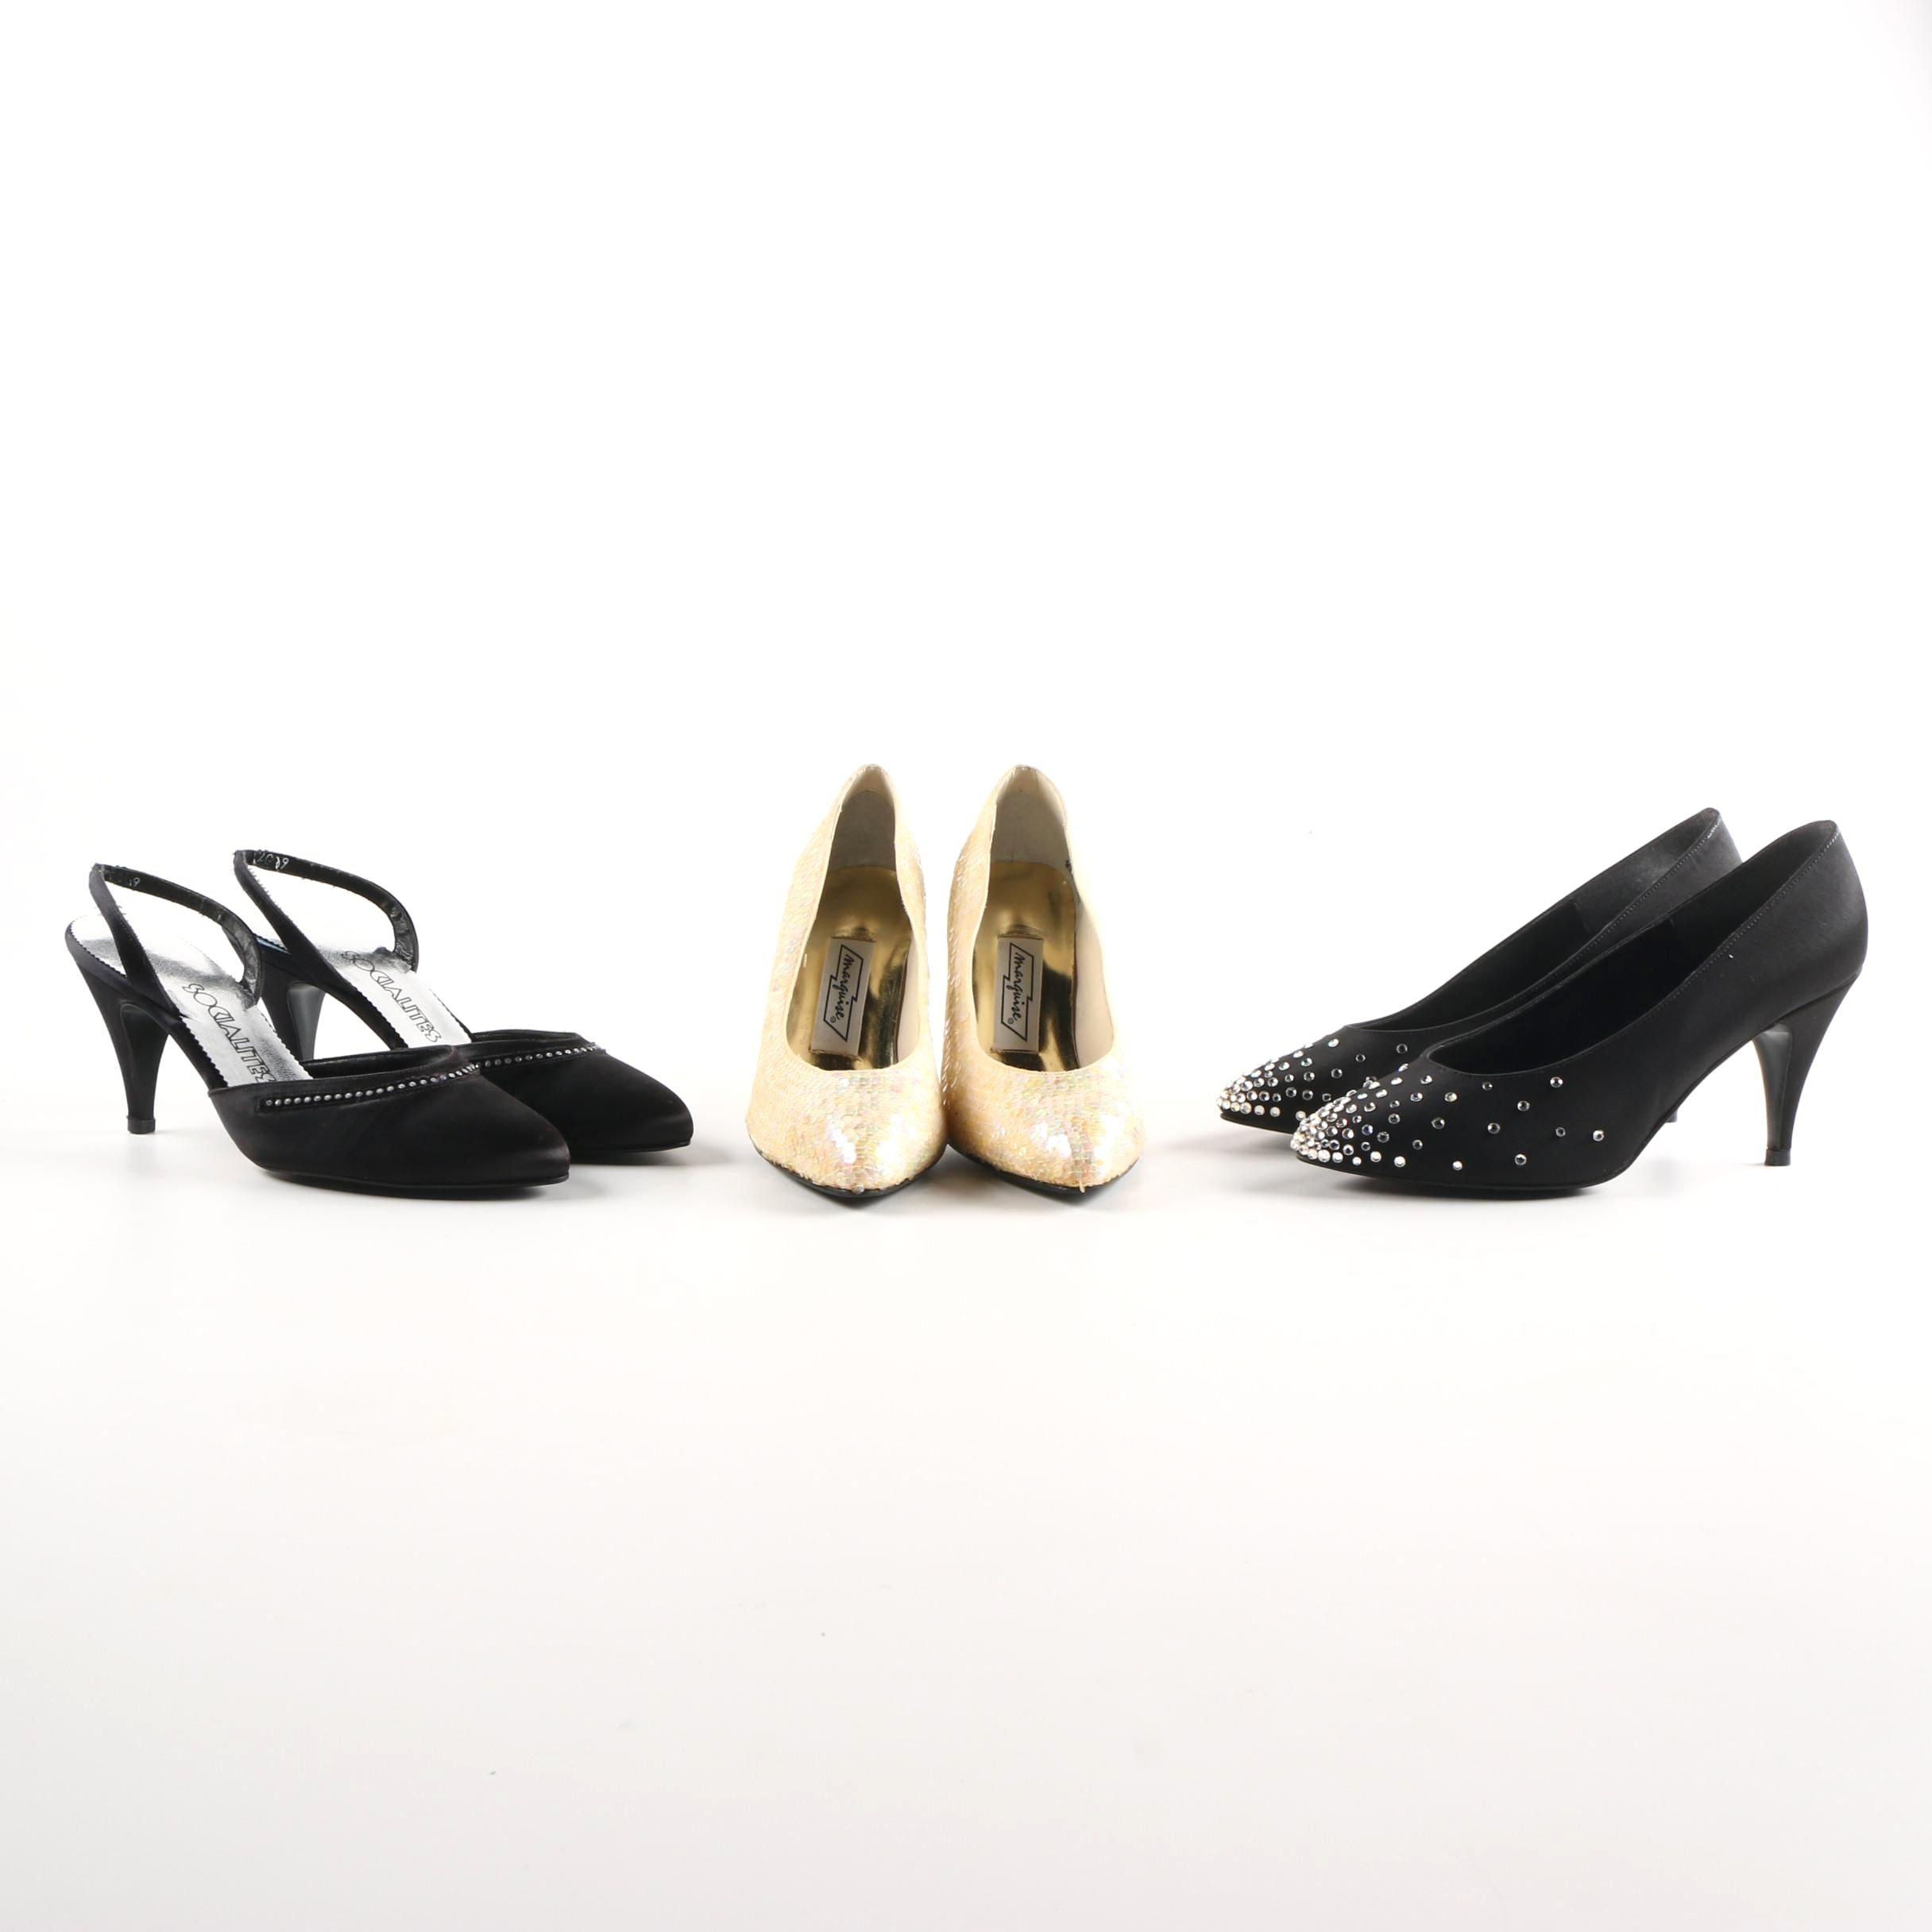 Assortment of  Heels